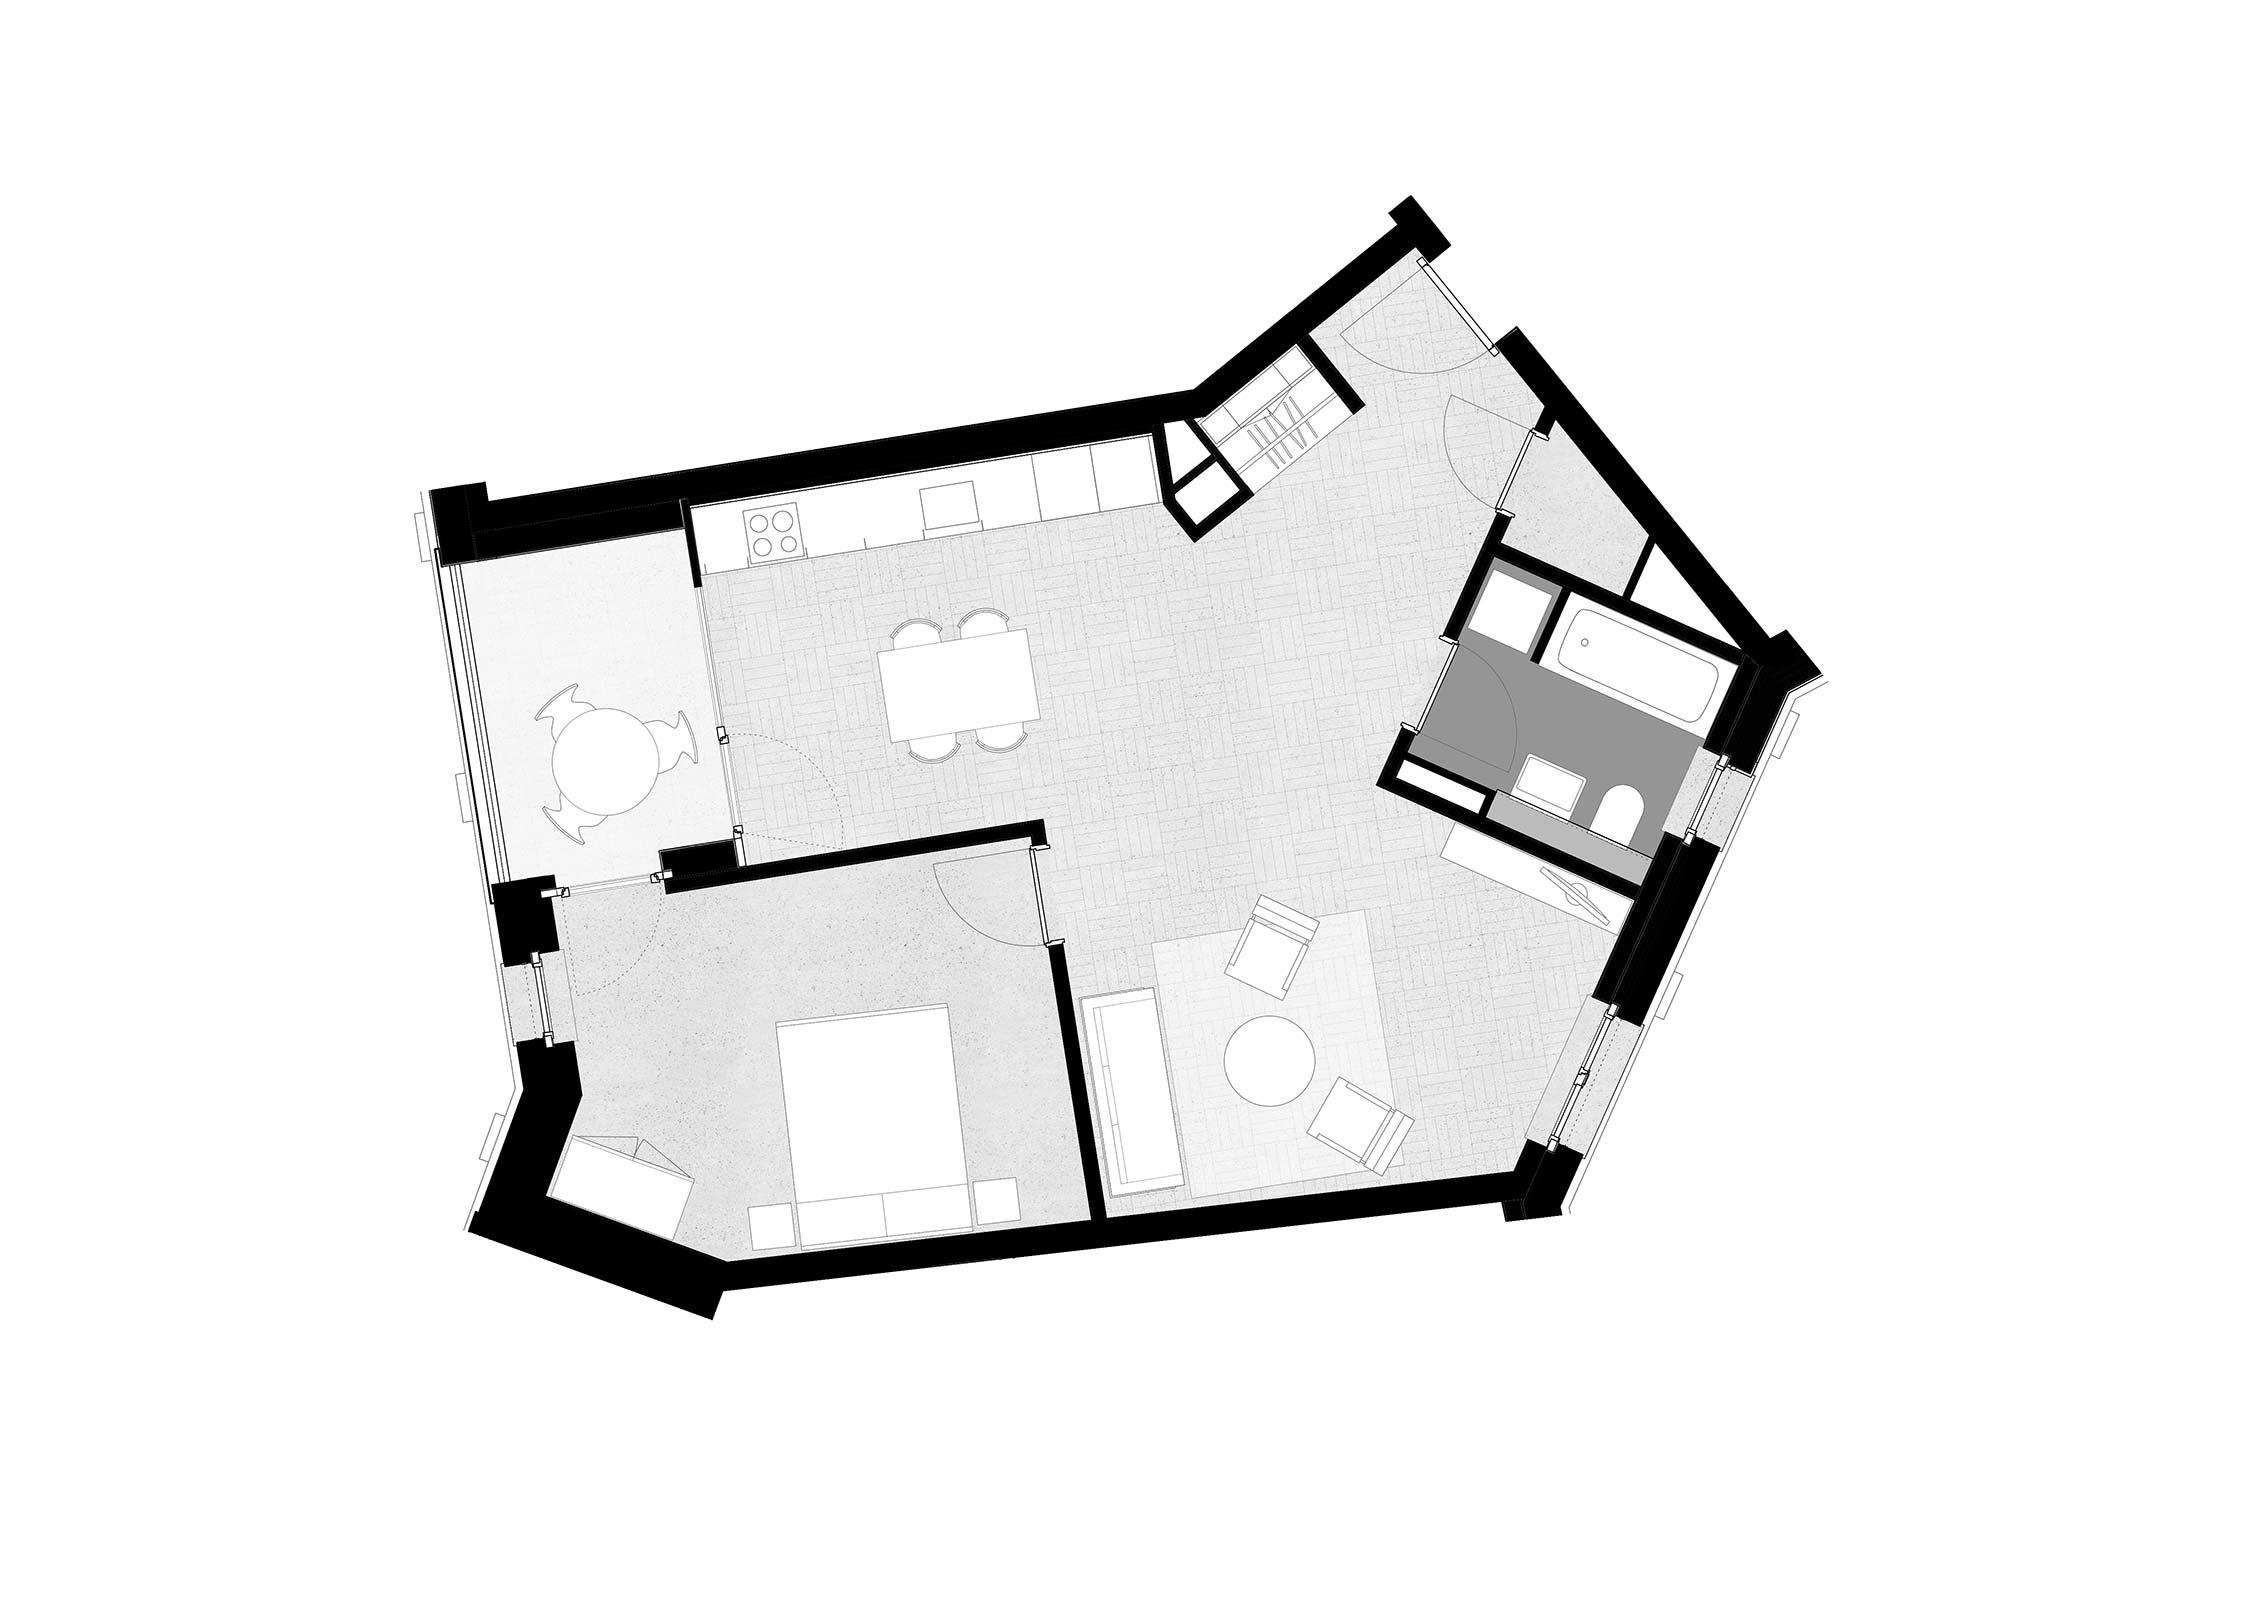 203Wohnsiedlung Letzigraben Zürich